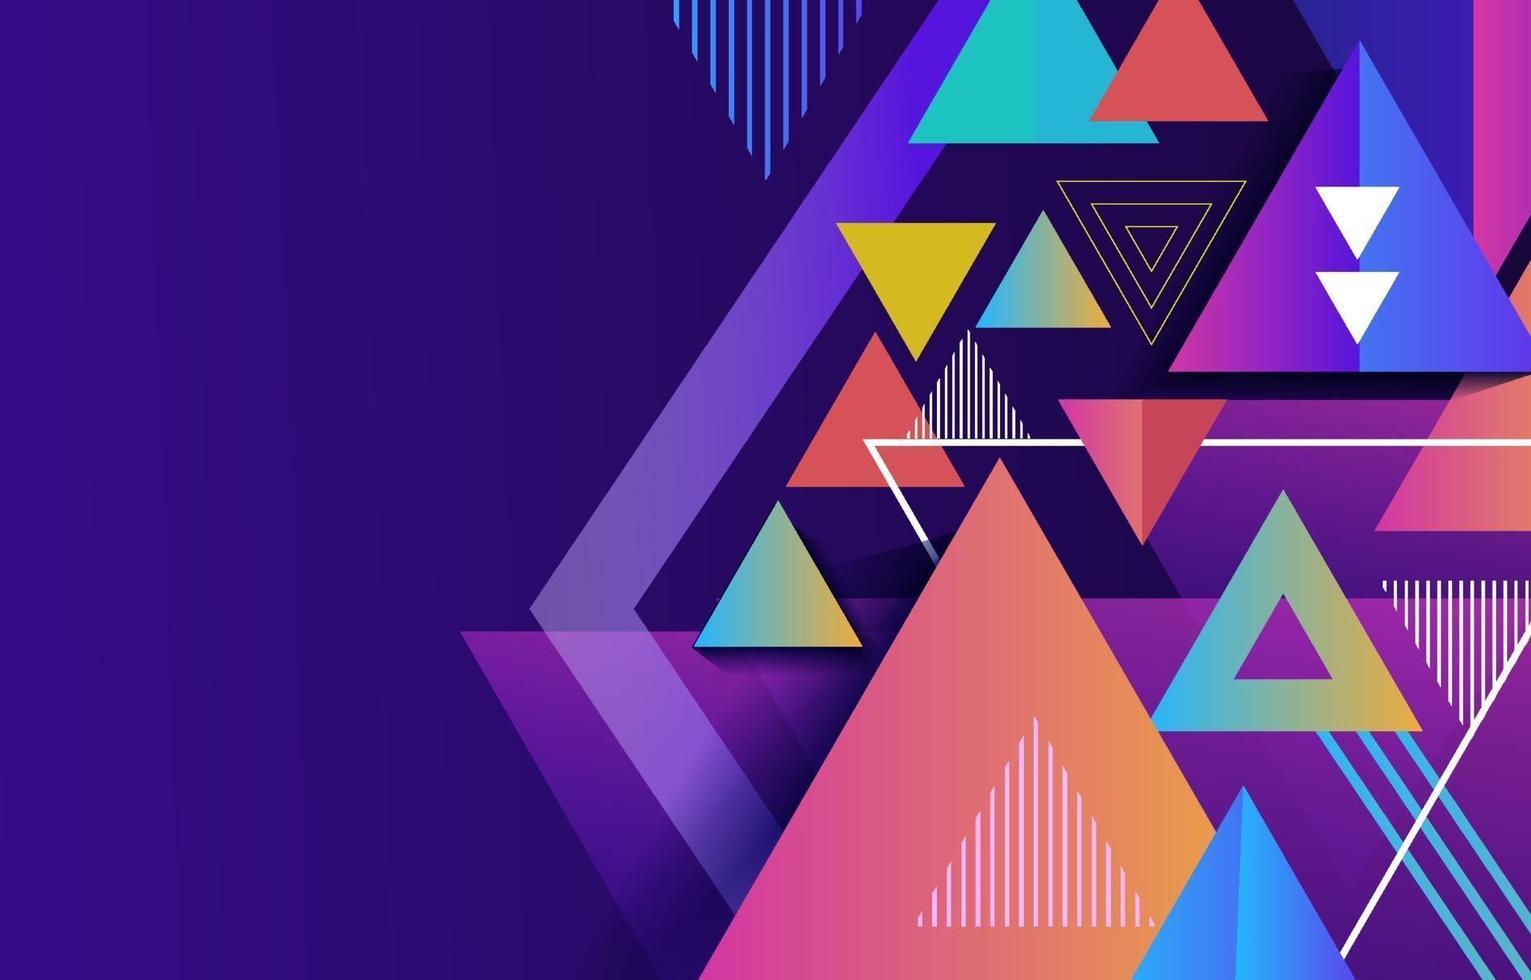 fondo geométrico abstracto vector